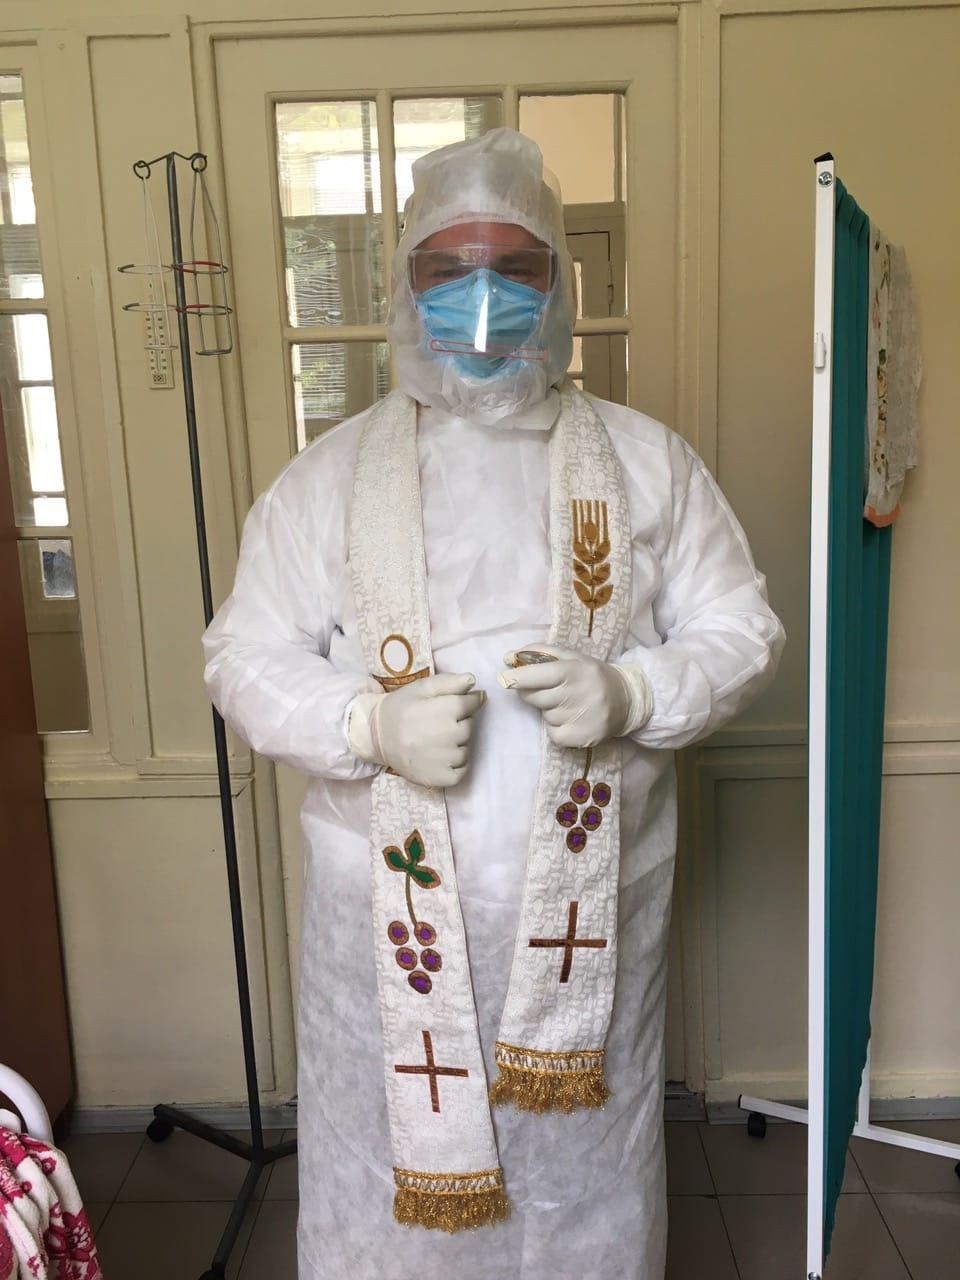 Ucrania: Una misión especial con pacientes de COVID 19